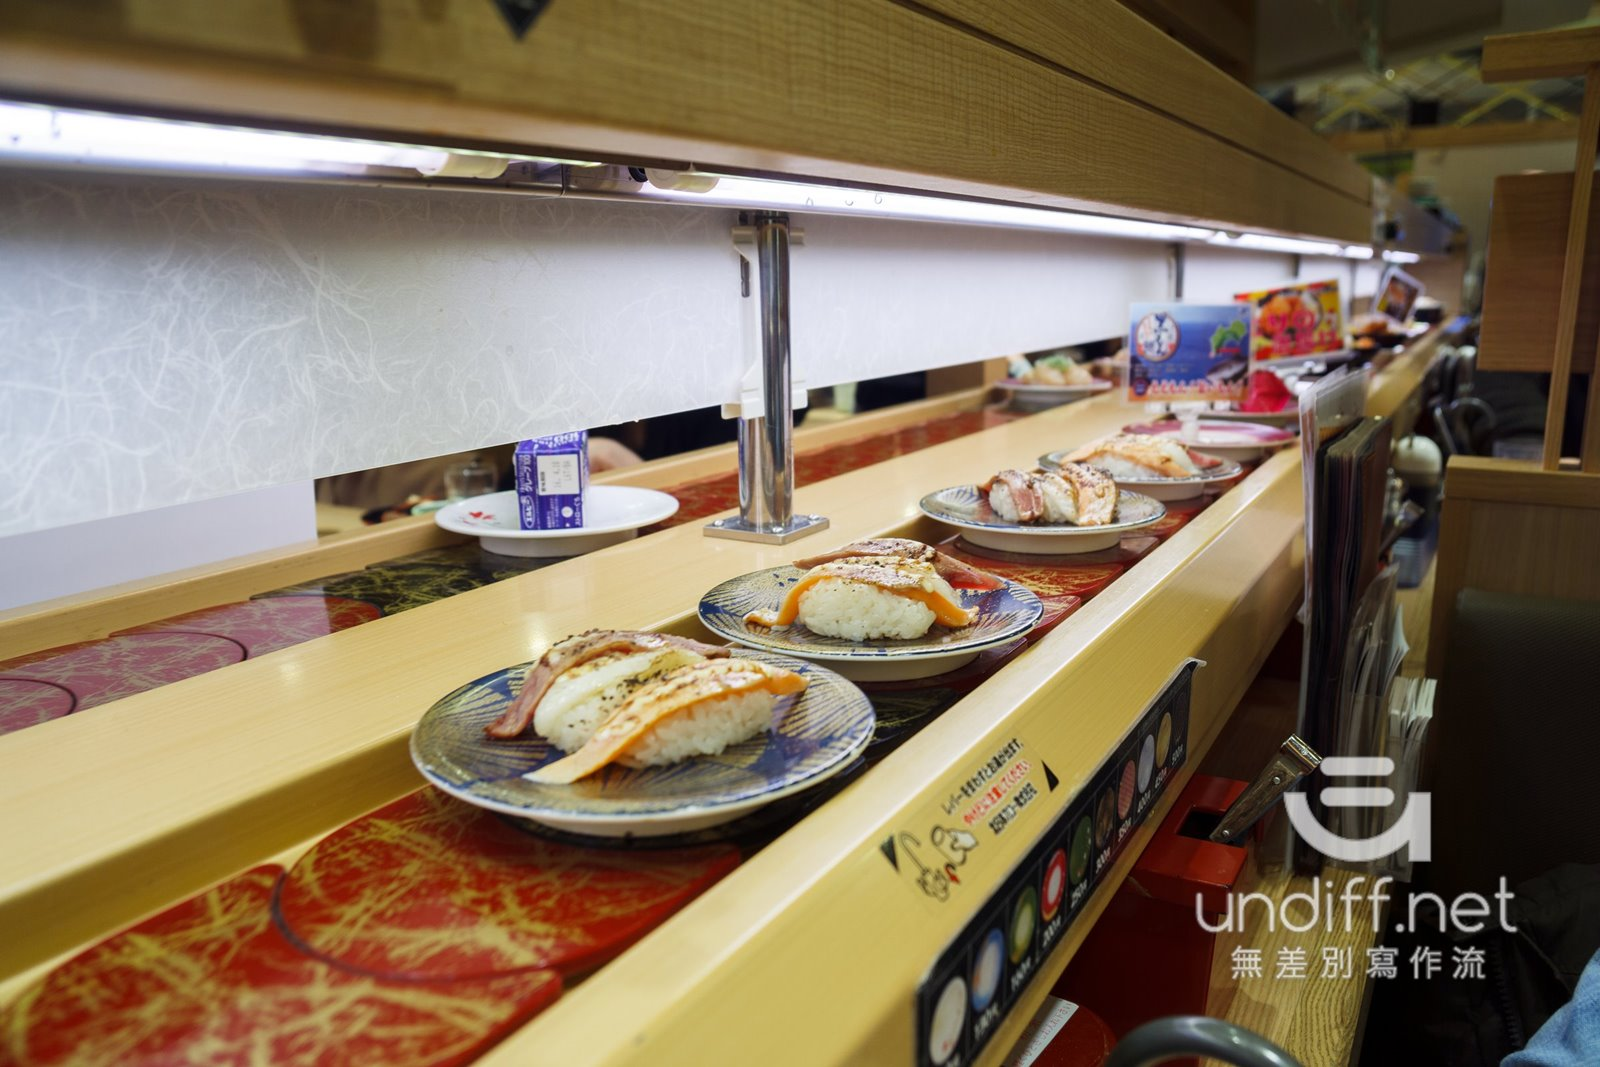 【東京美食】澀谷 回し寿司 活.美登利 西武澀谷店 》超值新鮮又美味的迴轉壽司 22